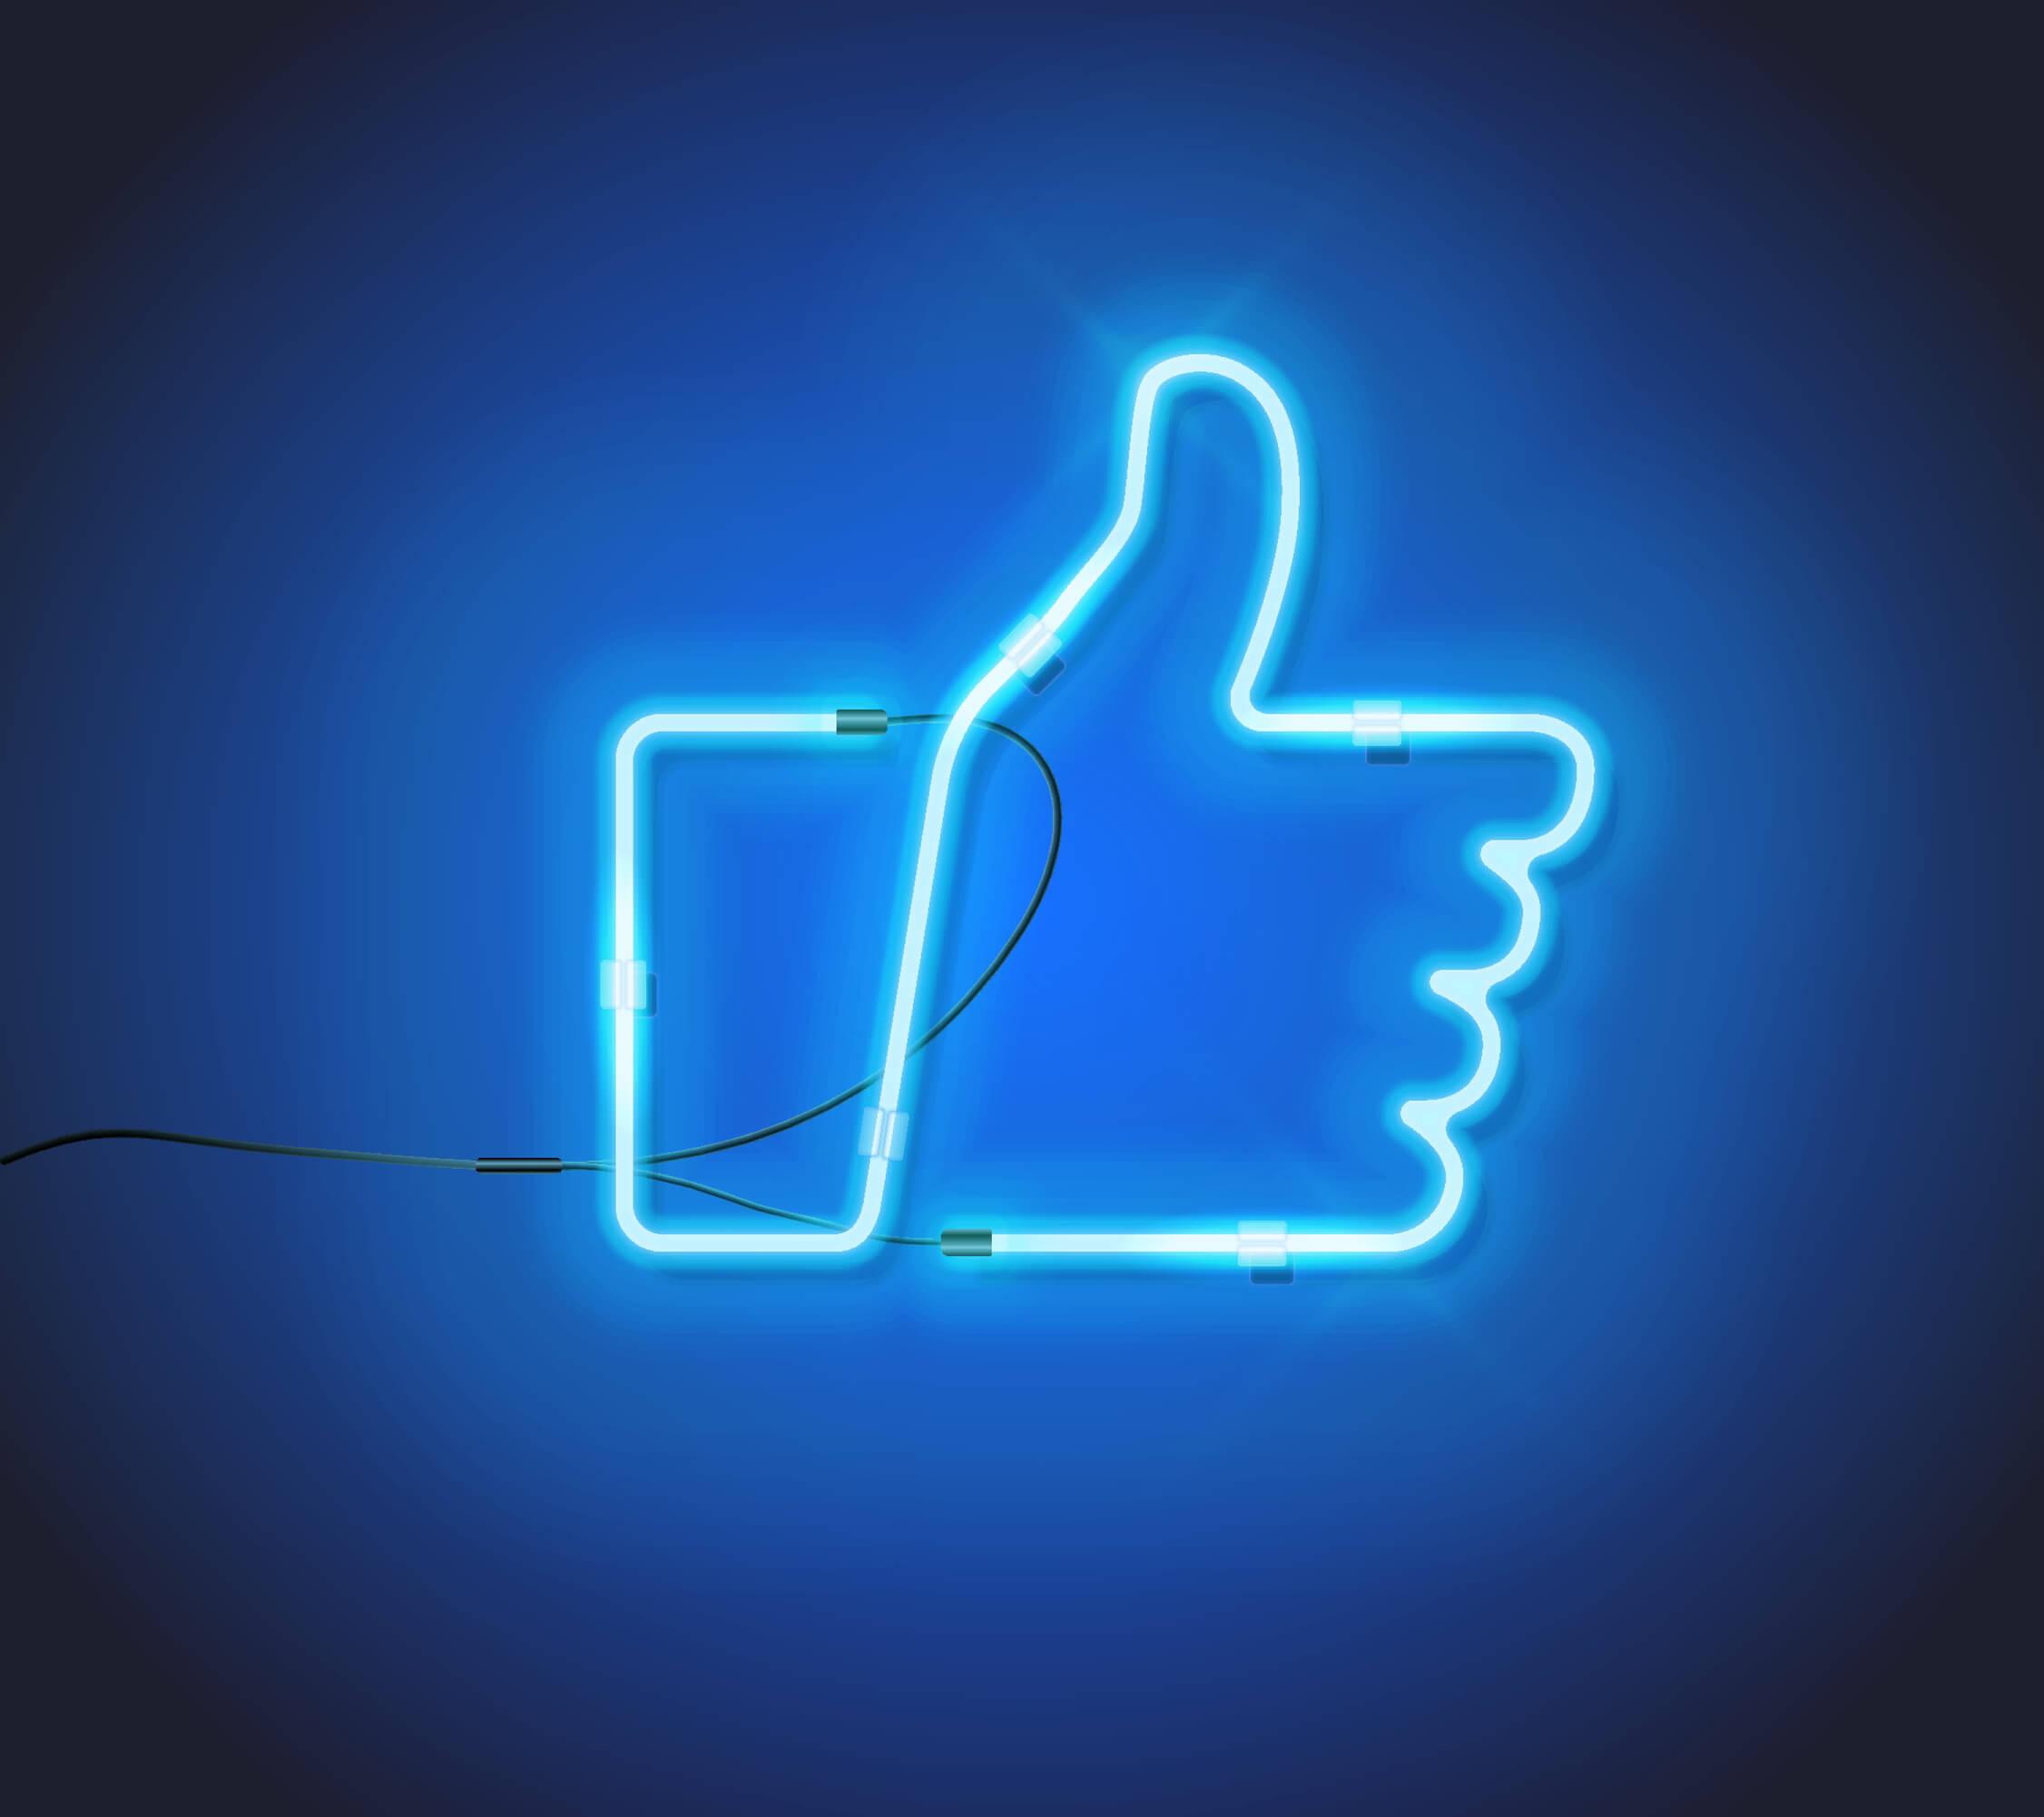 #WELIKE: Social Media at ProSiebenSat.1